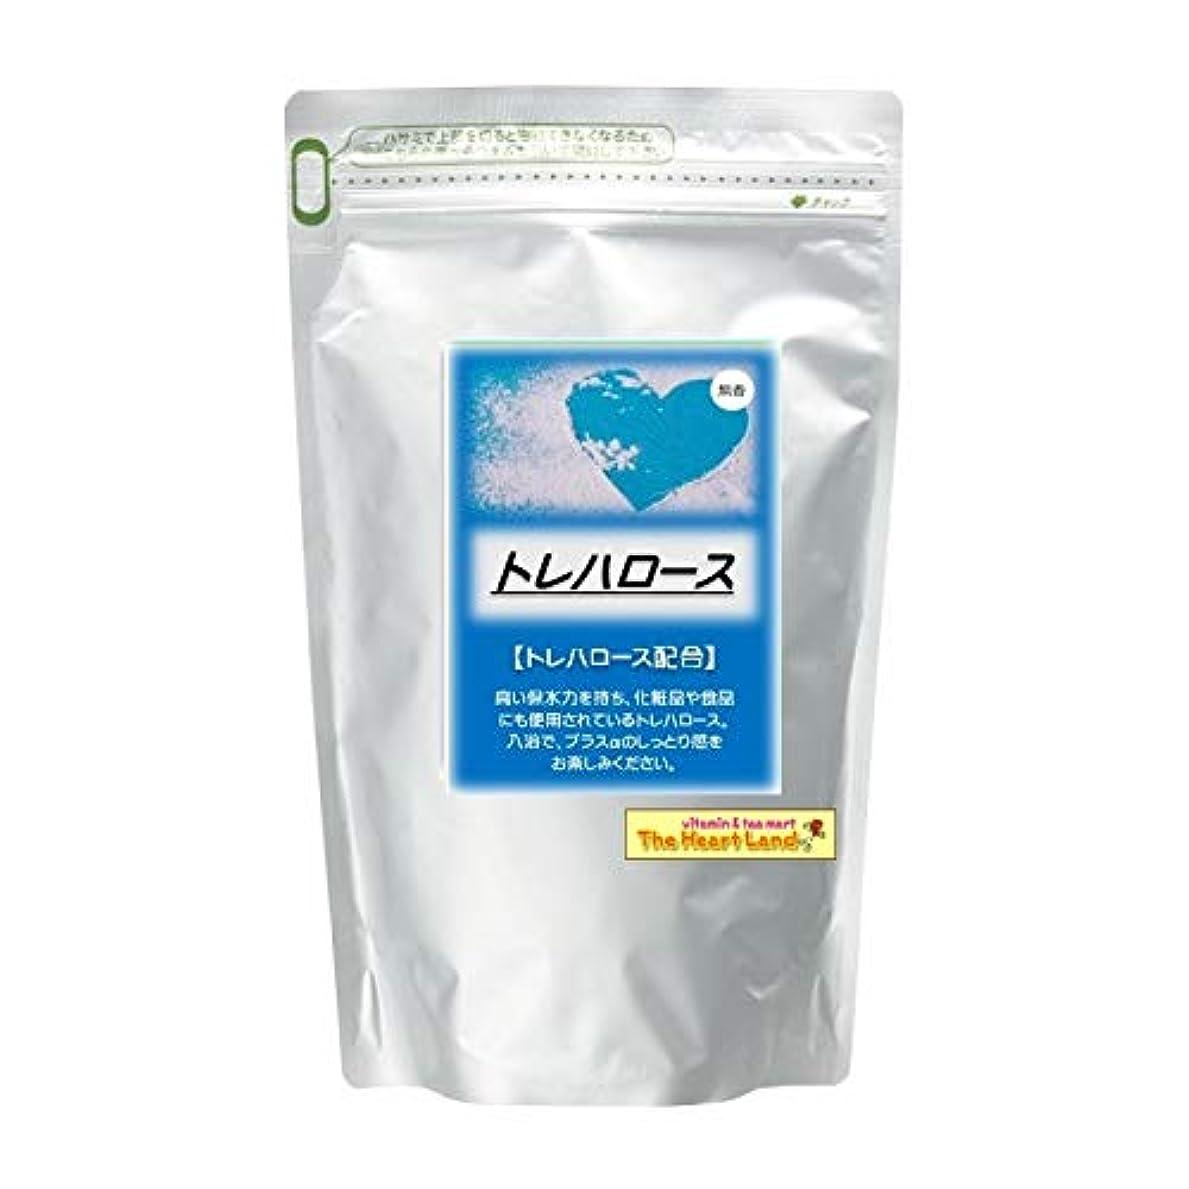 顎放つアンペアアサヒ入浴剤 浴用入浴化粧品 トレハロース 2.5kg